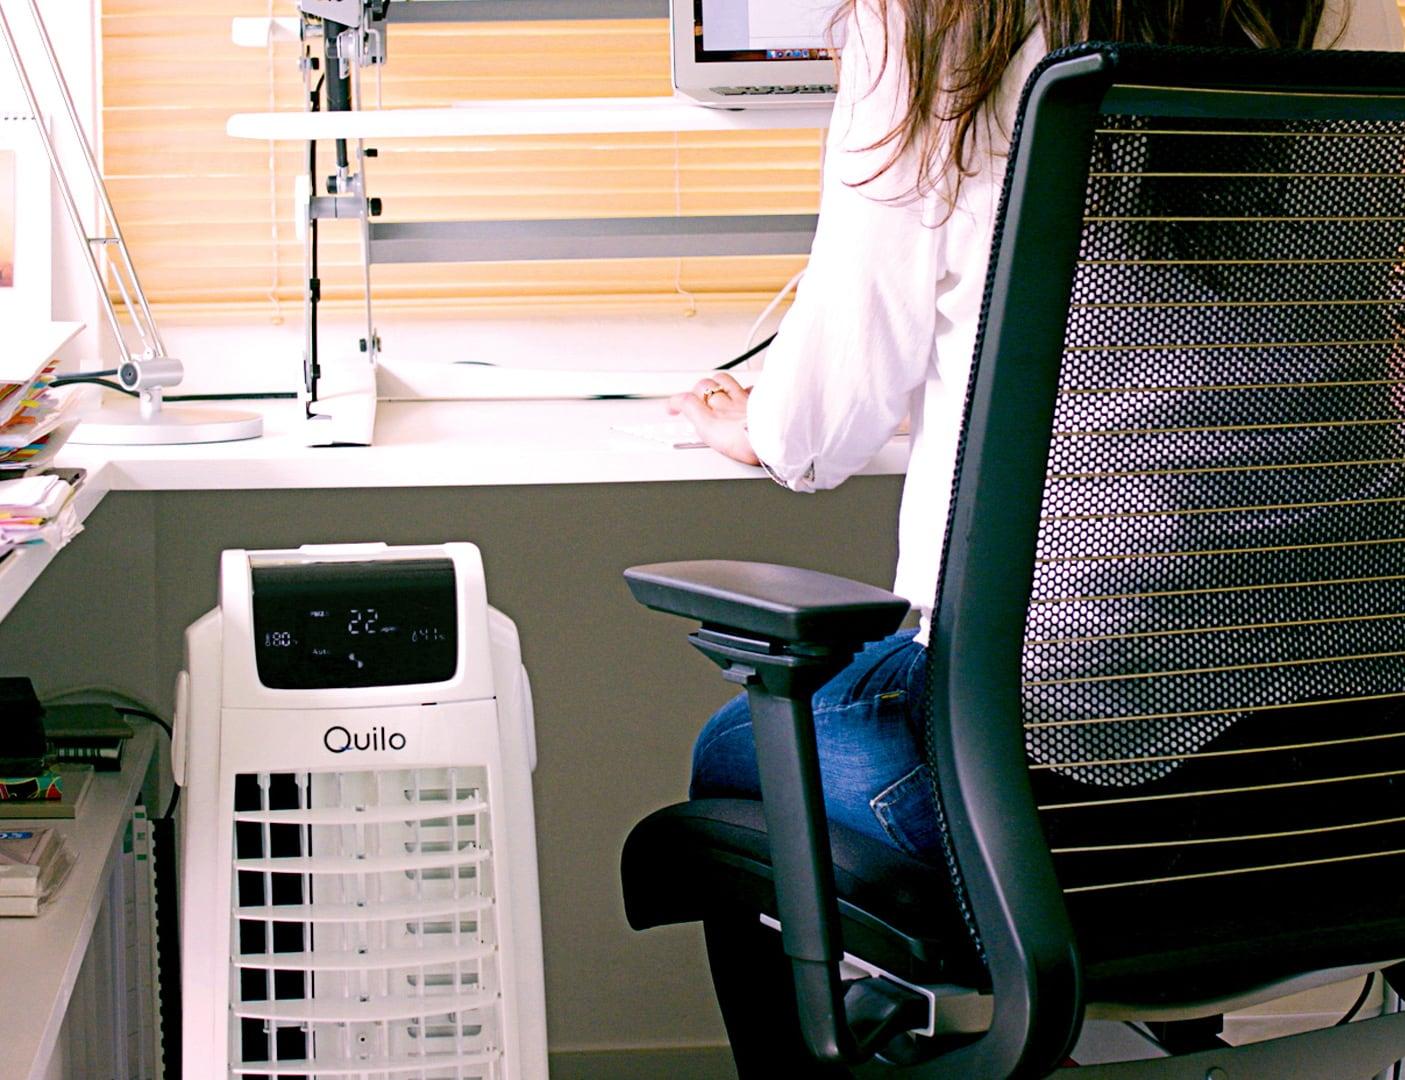 Quilo 2.0 Advanced 4-in-1 Smart Fan